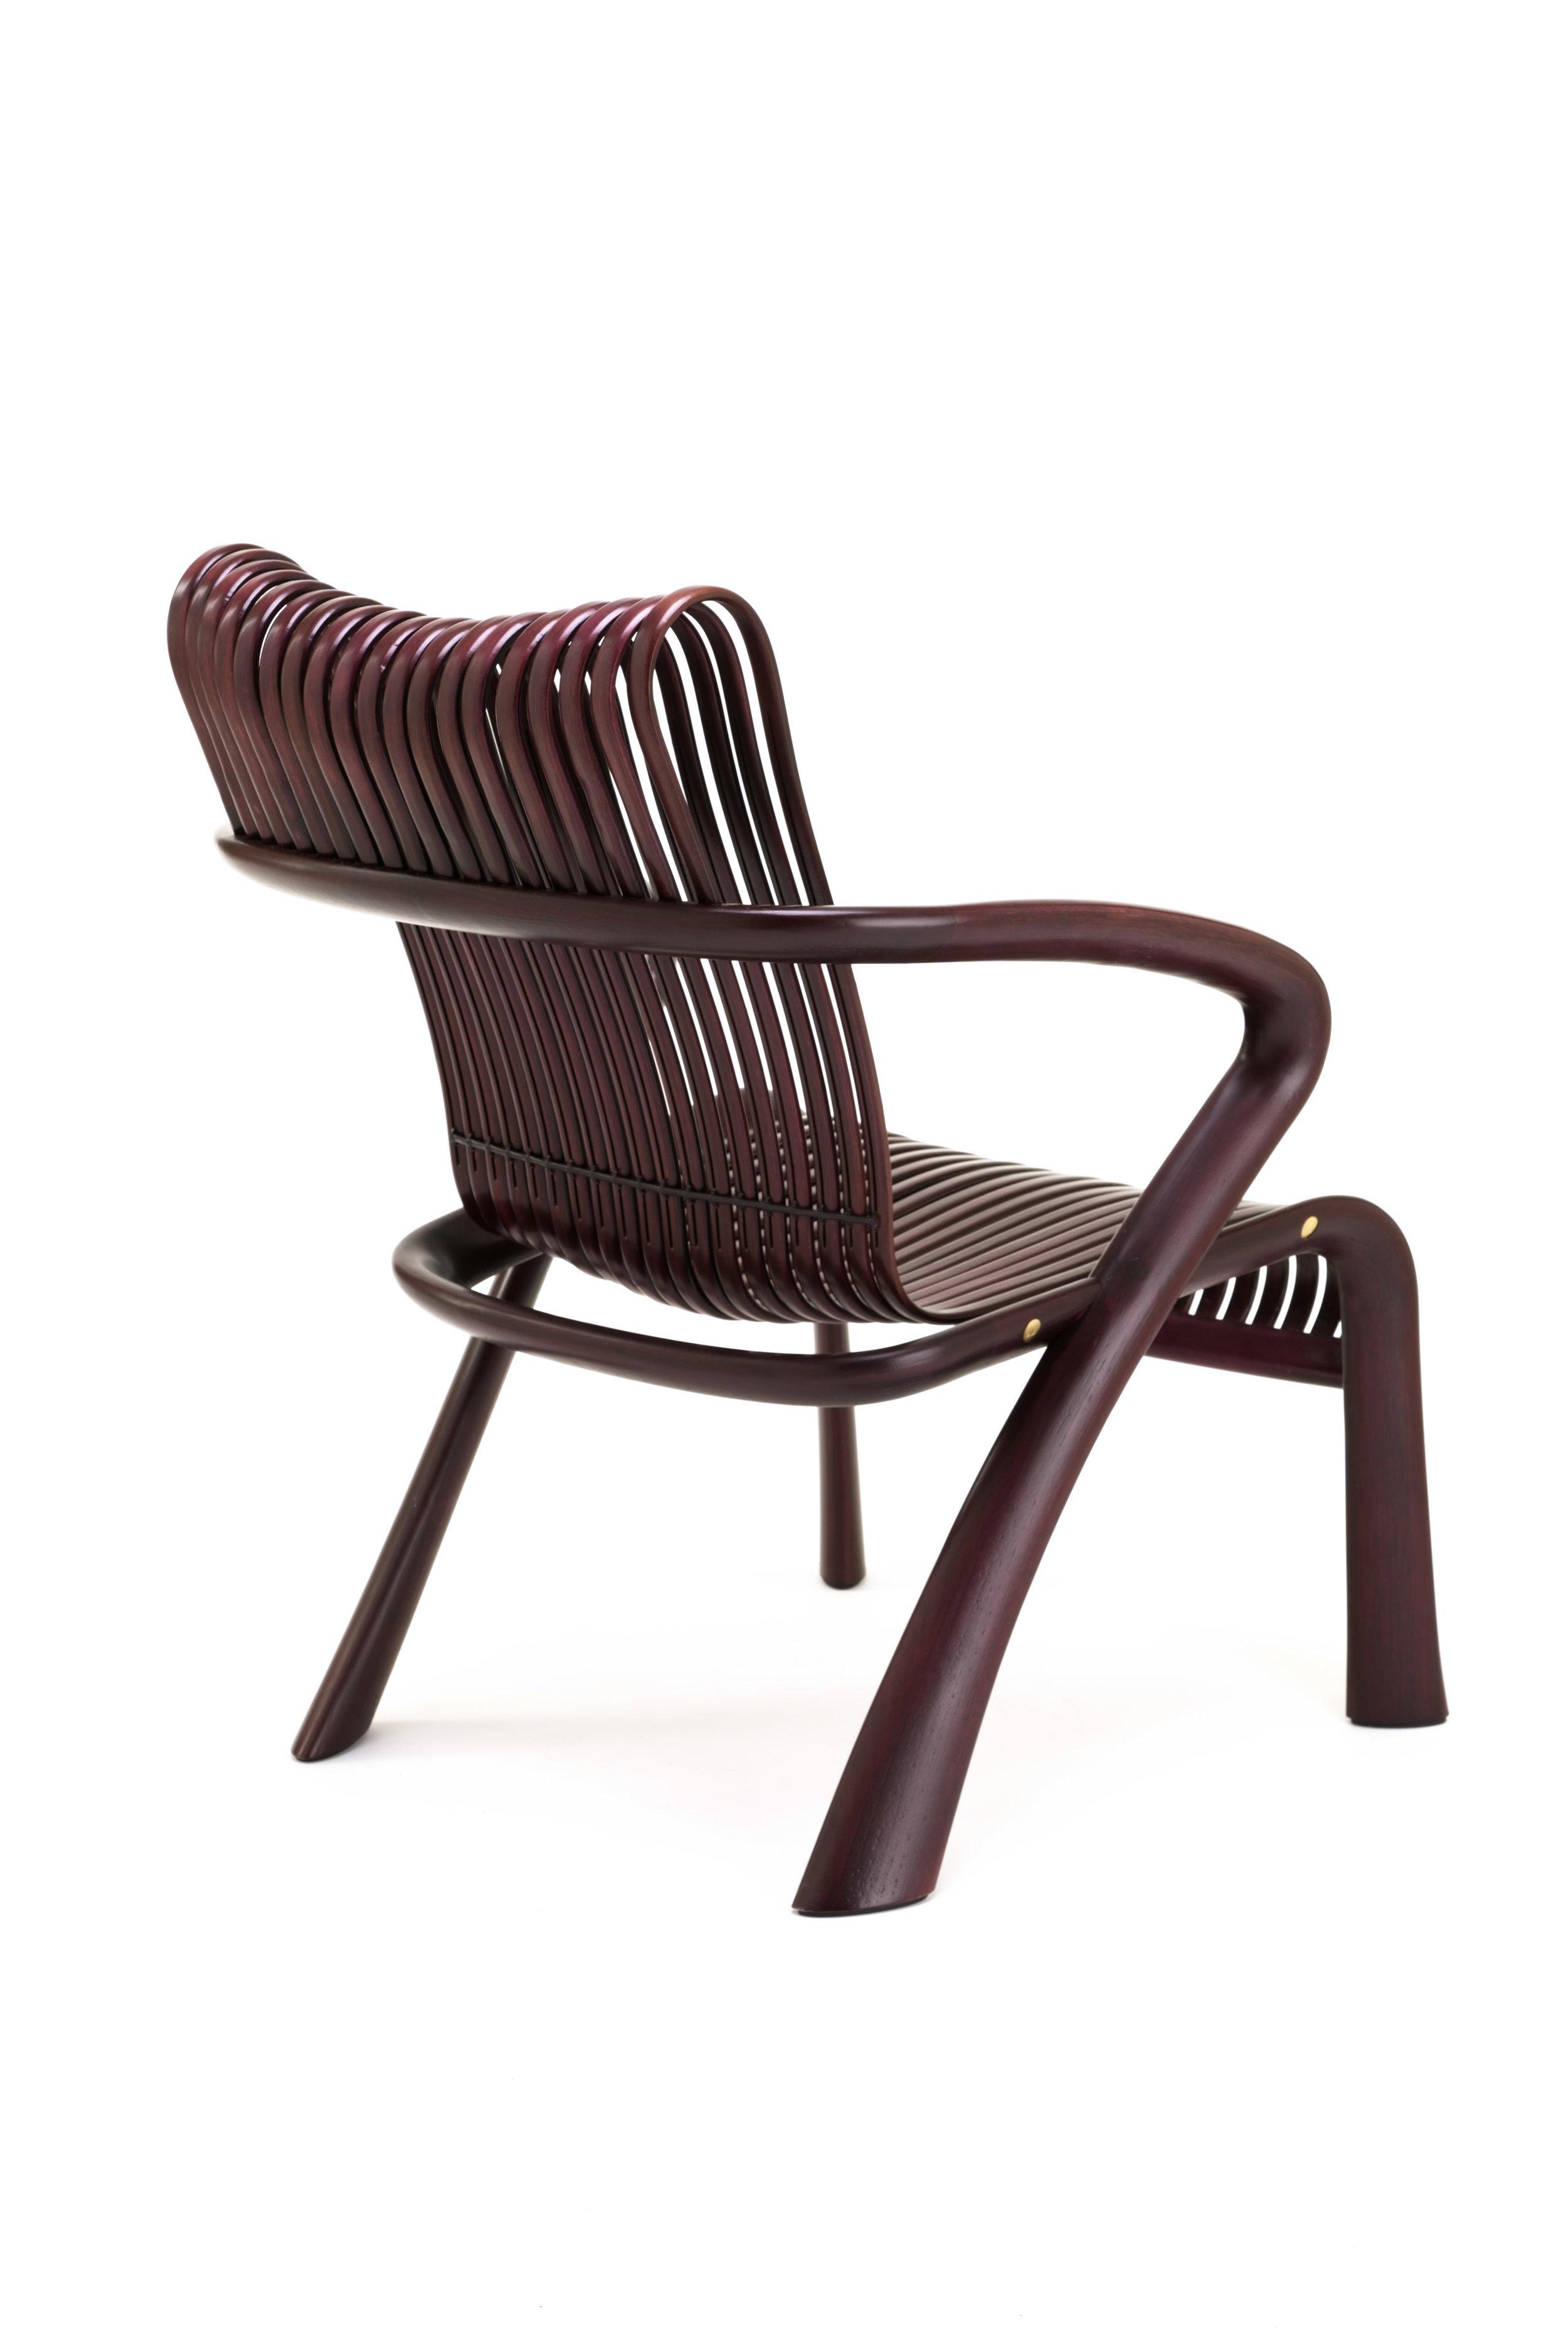 chair 015s.jpg